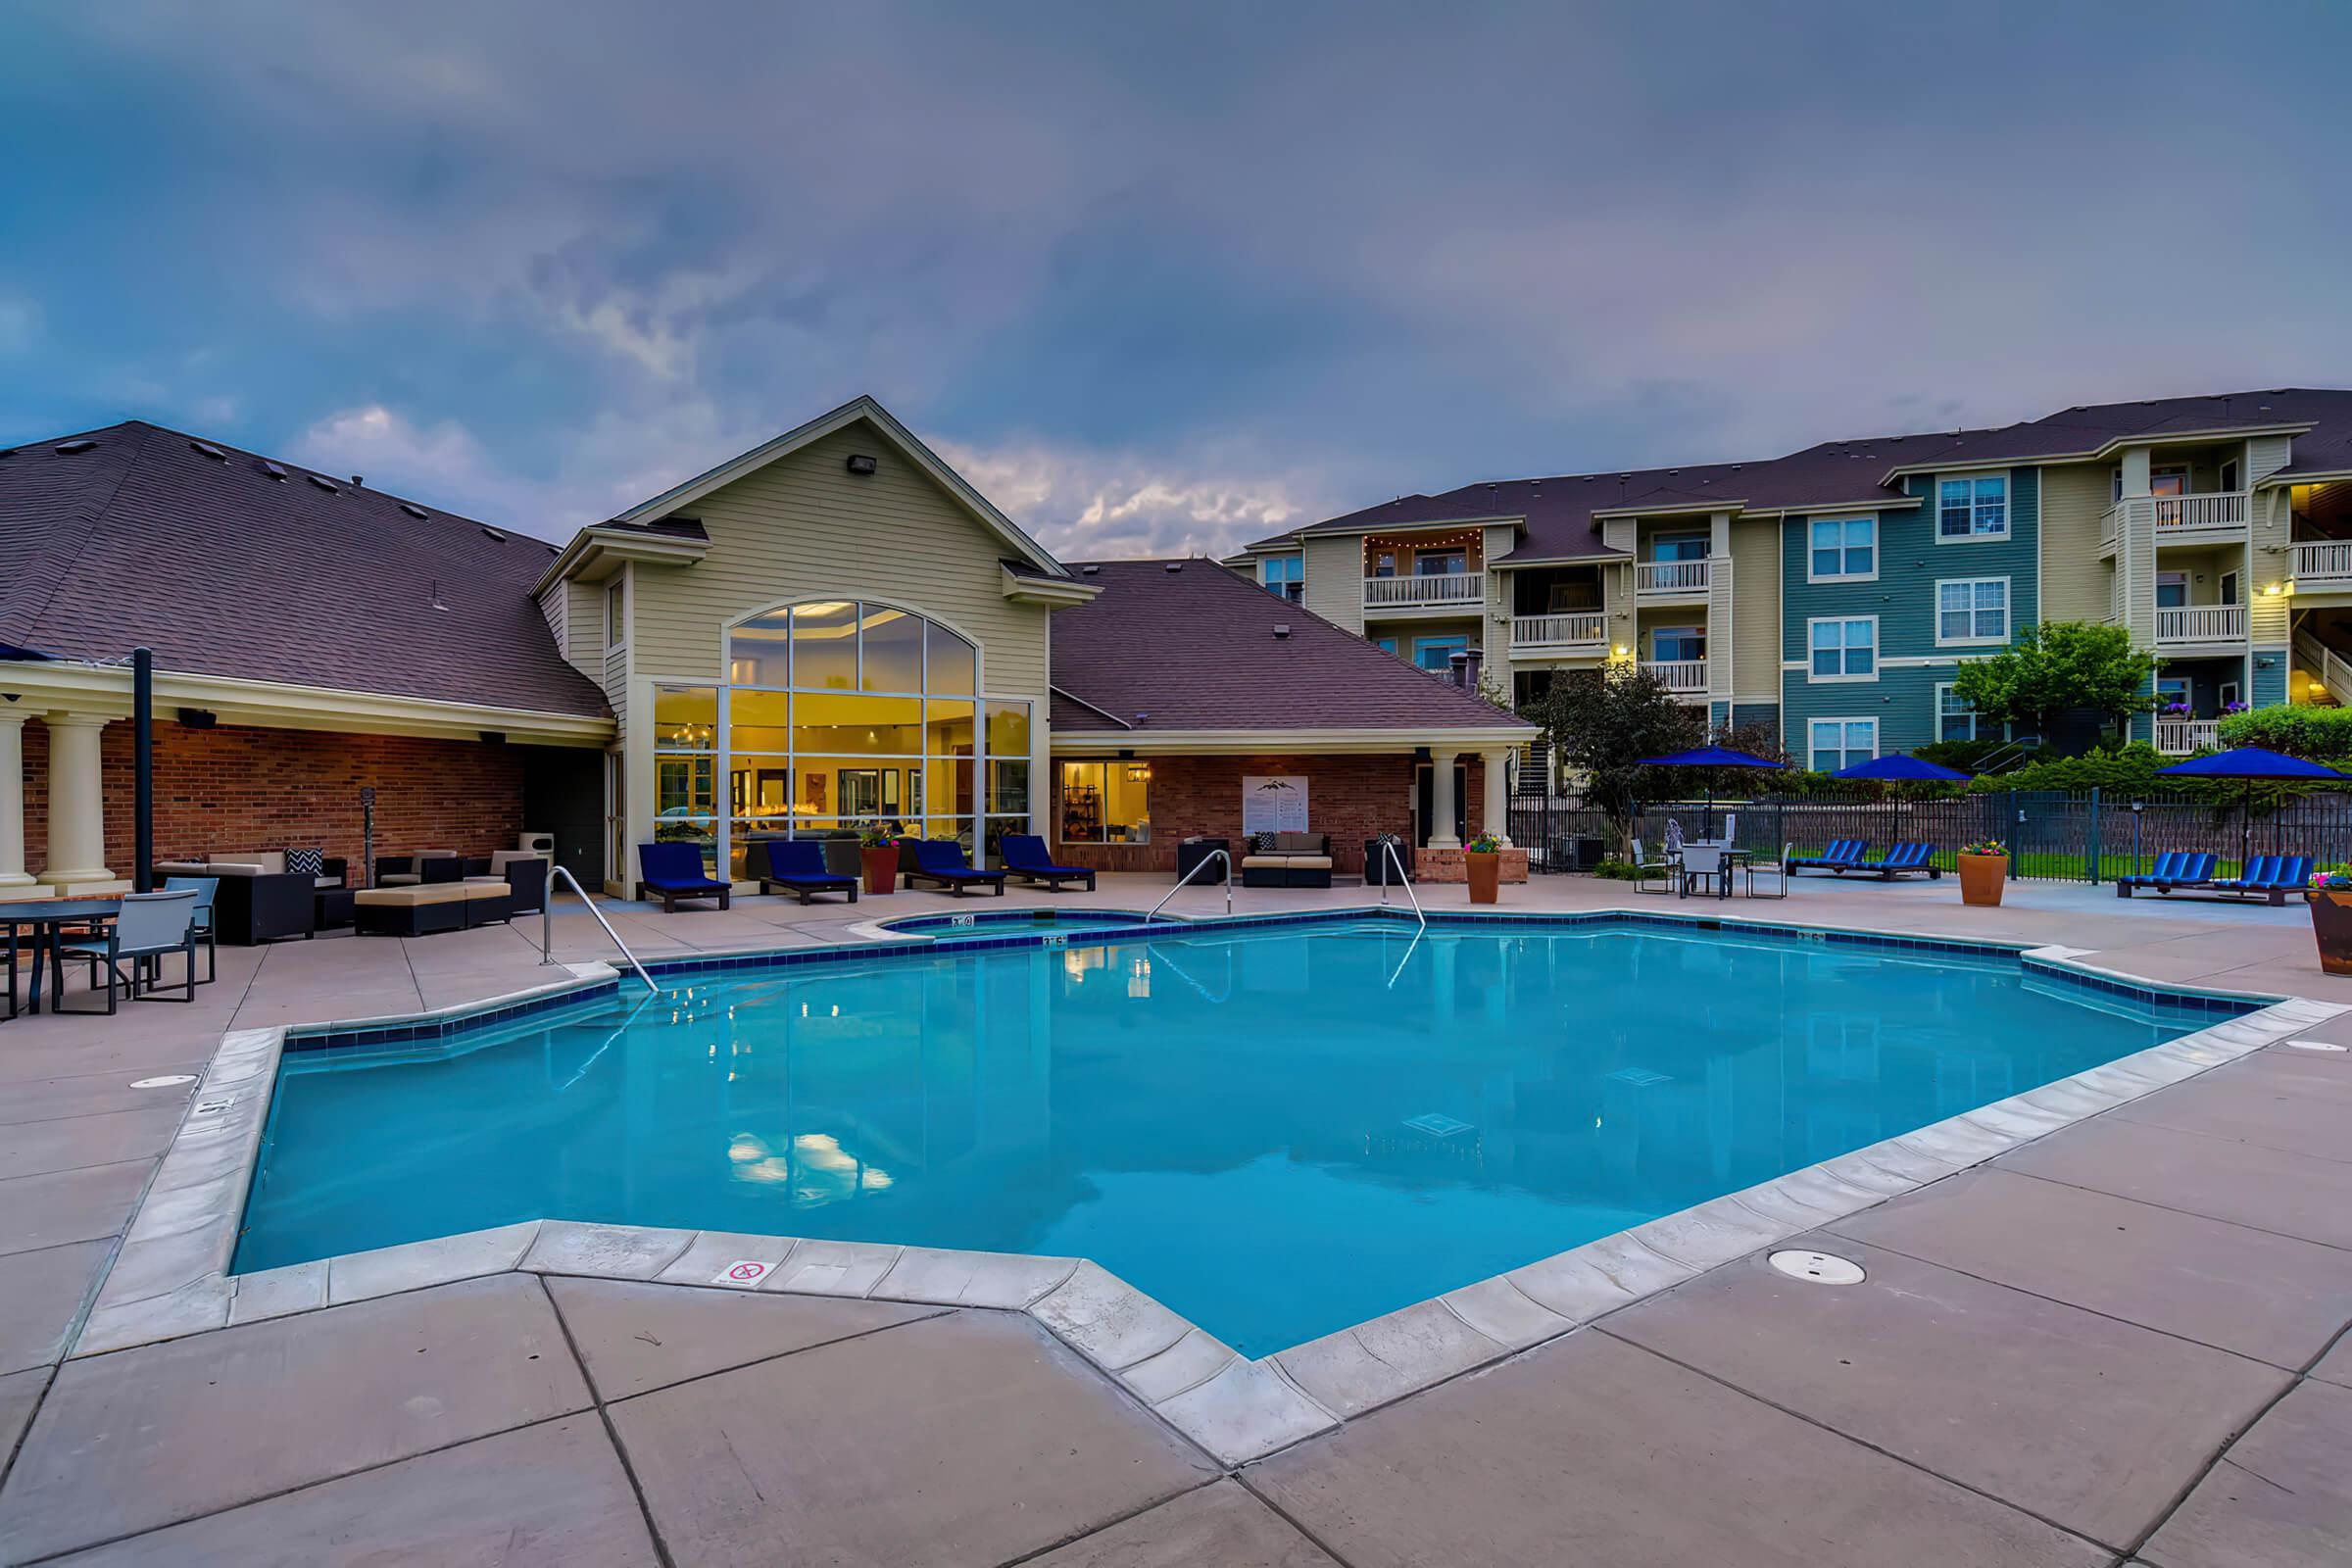 13631 Shepard Hts Colorado Springs CO - Web Quality - 041 - 55 Pool.jpg